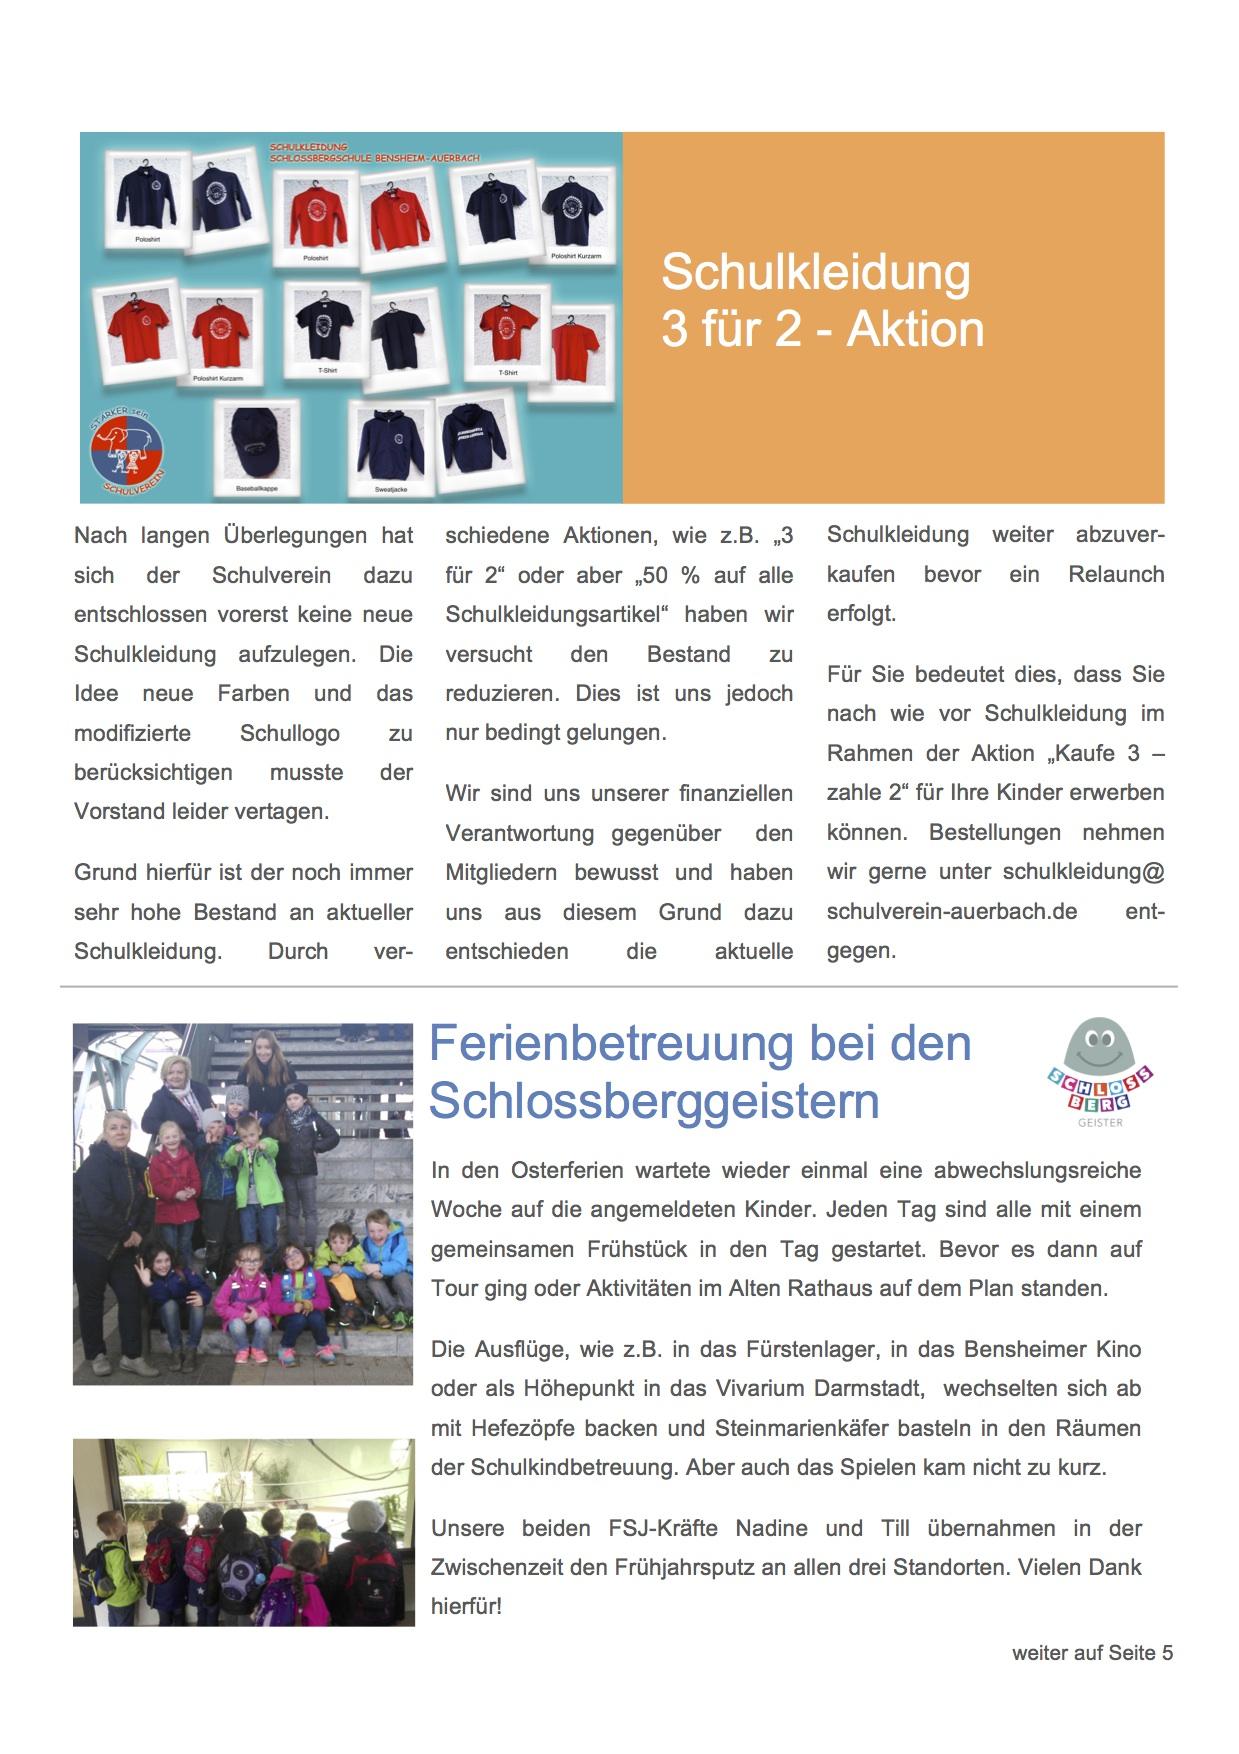 Schlossbergschule Bensheim-Auerbach - Schlossbergschule Bensheim ...